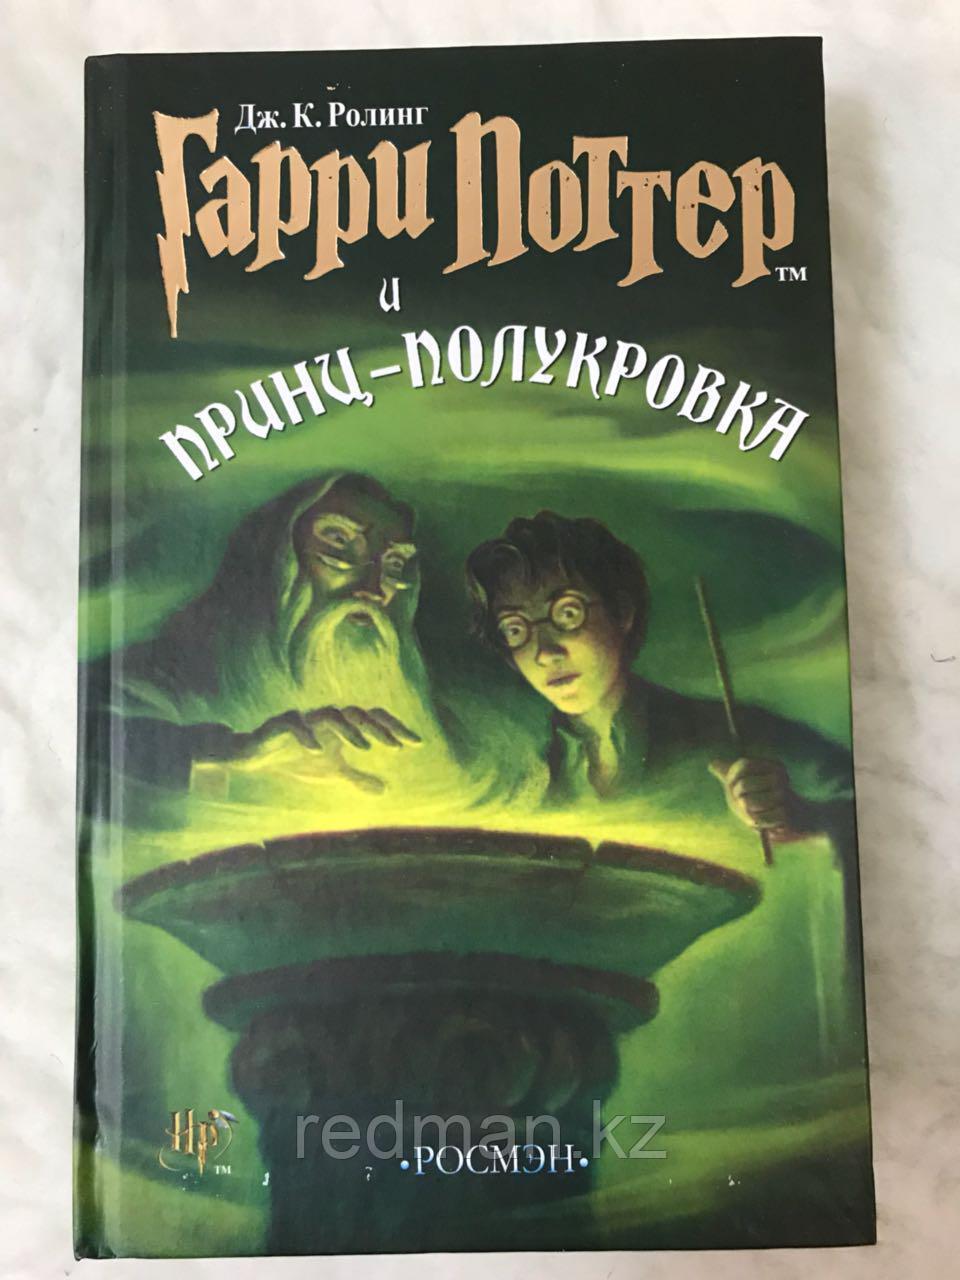 Гарри Поттер и Принц-Полукровка (перевод от Росмэн, старый перевод)